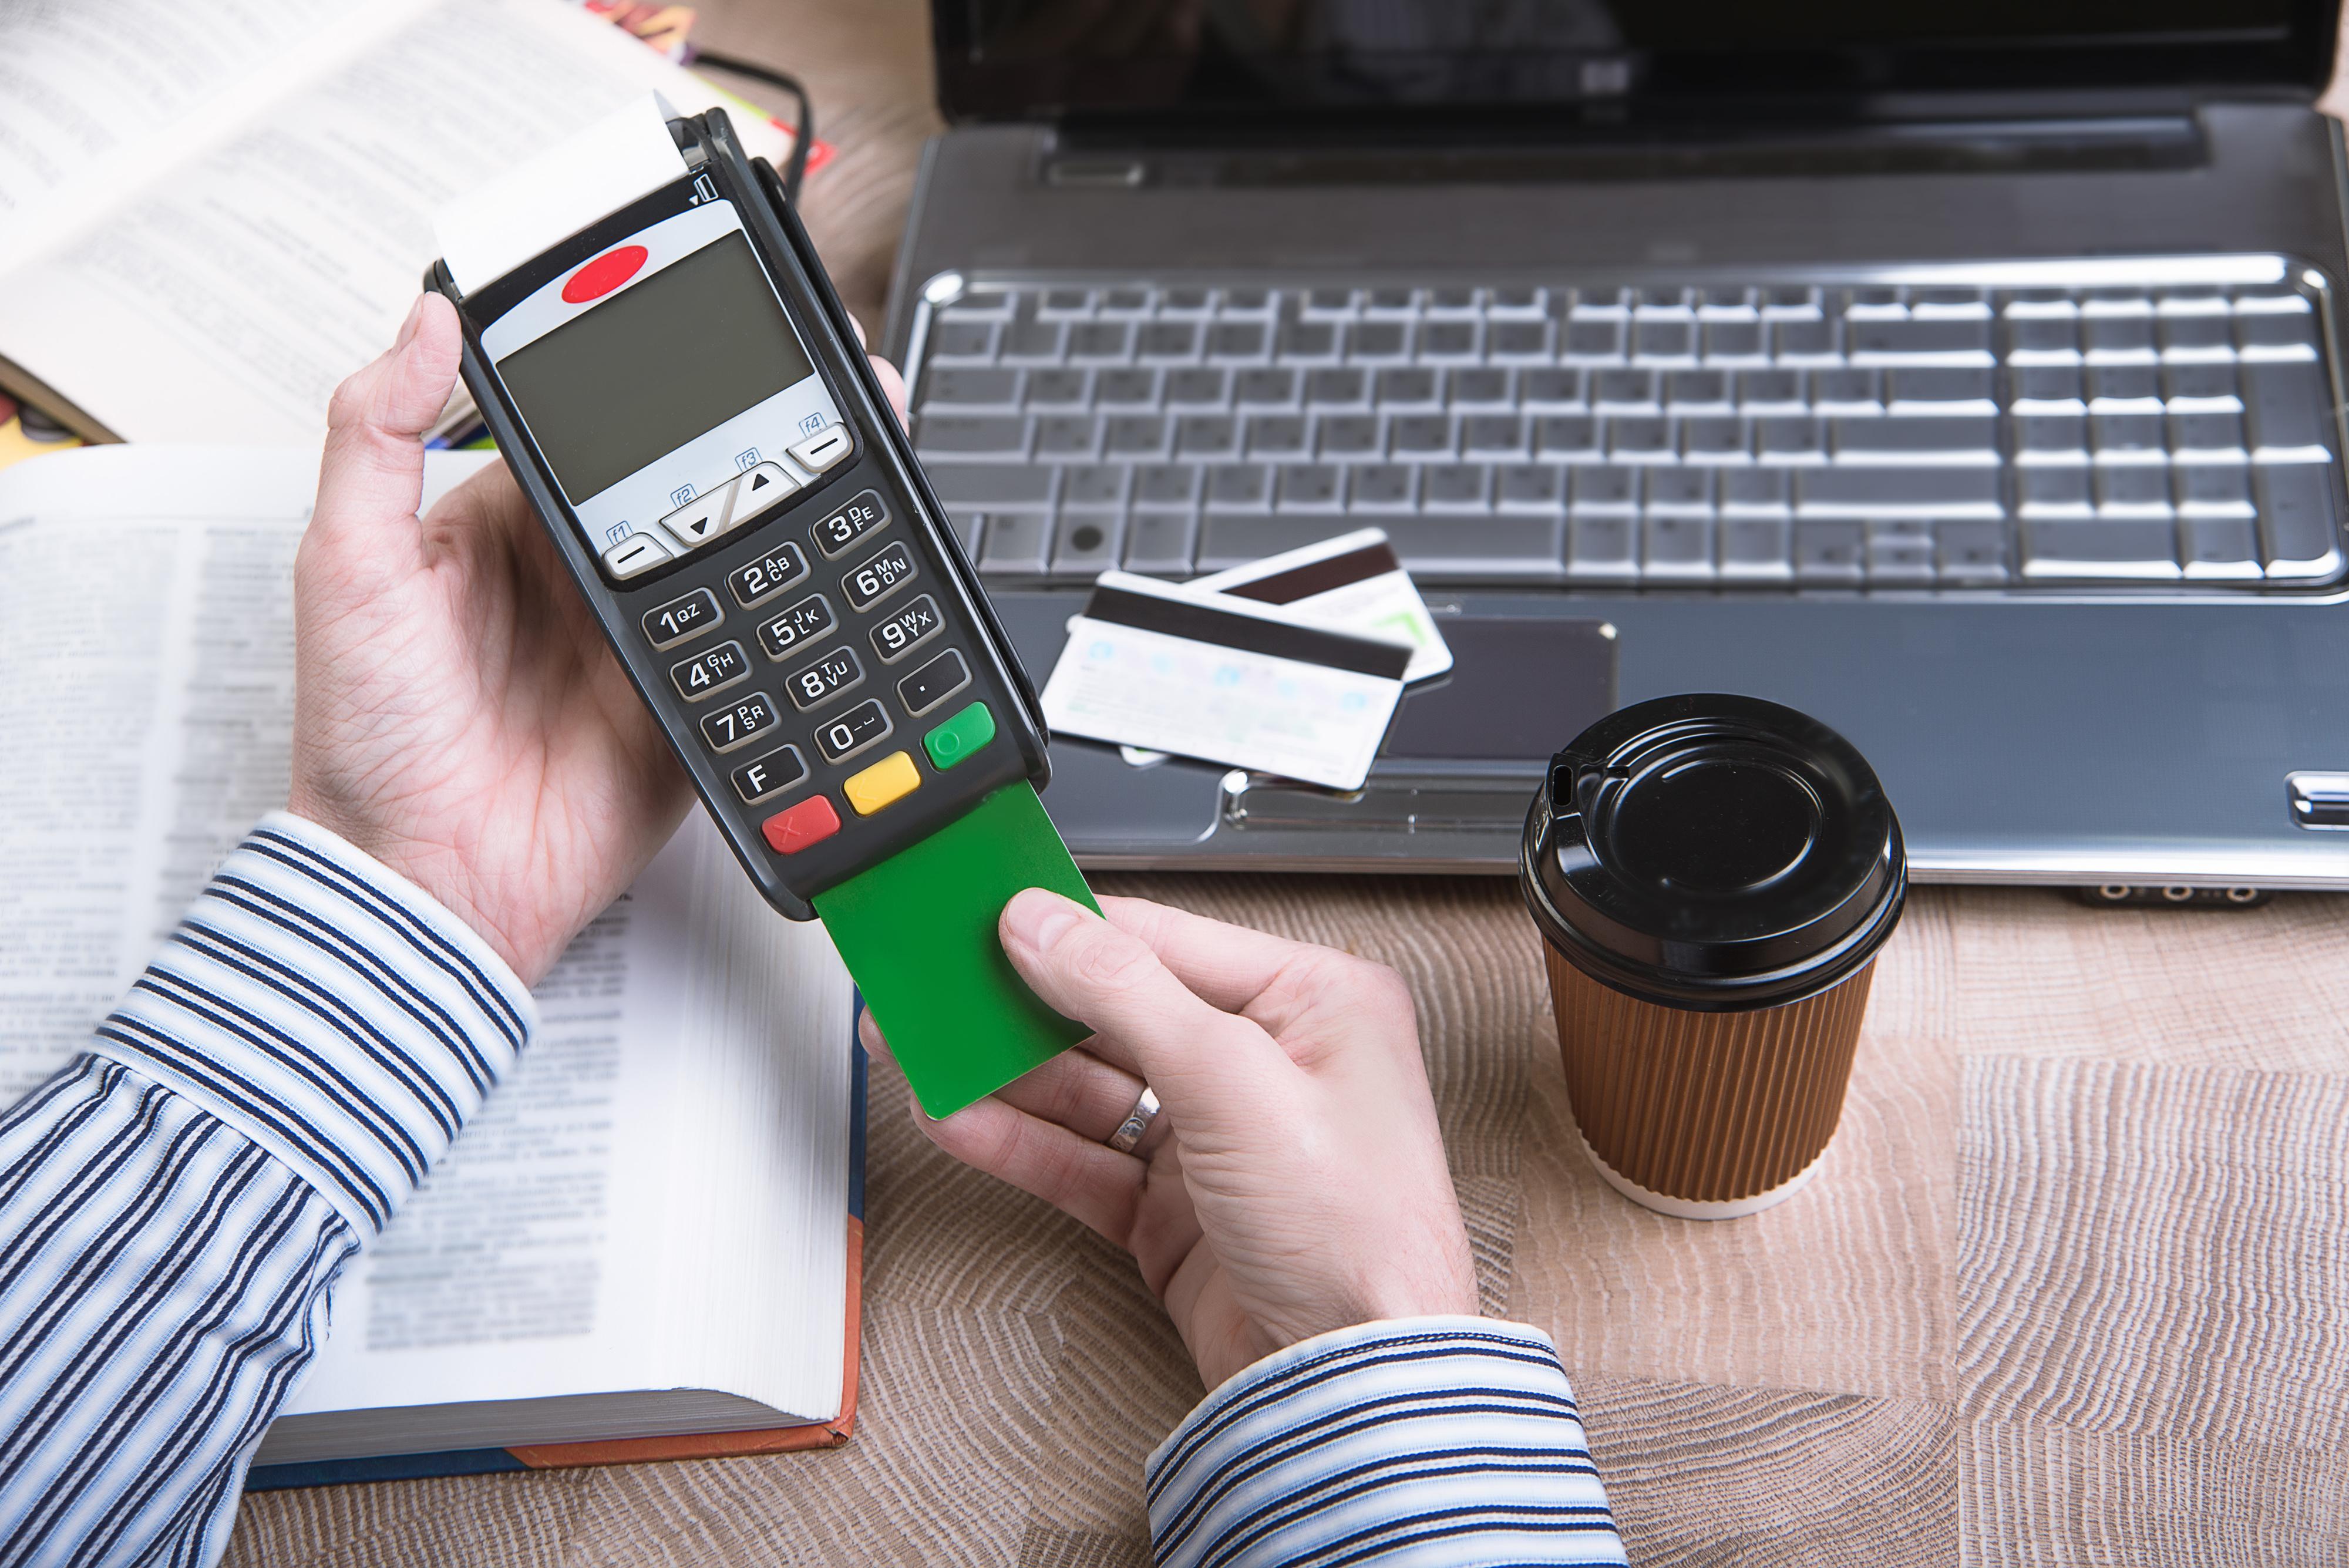 Uso de cartões cresce 13,6% no 1º semestre, aponta associação